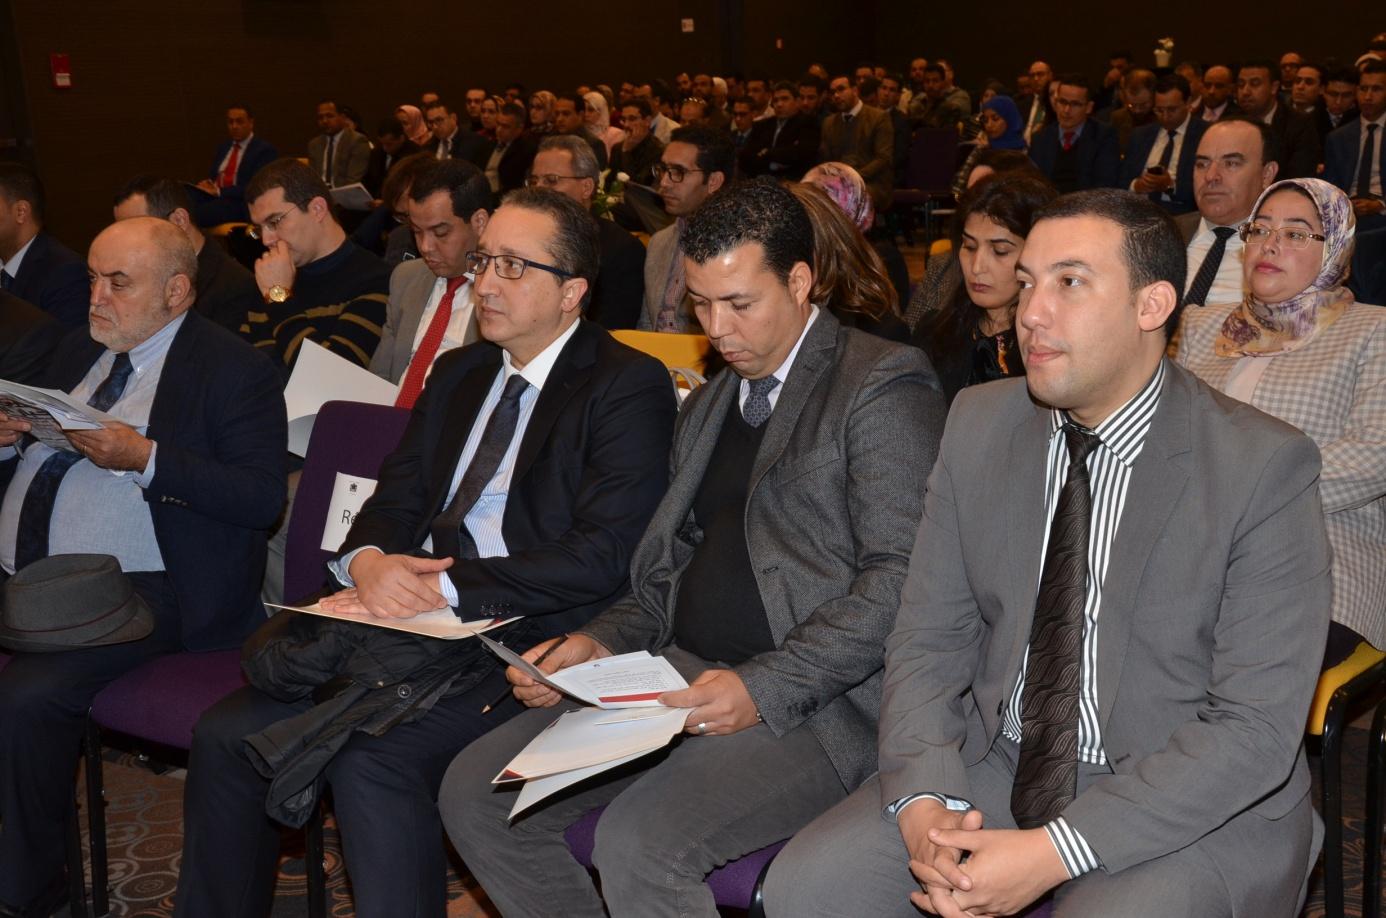 نادي قضاة المغرب يناقش مقاربات ترشيد العمل القضائي حفاظا على الموارد وتحقيقا للجودة والنجاعة